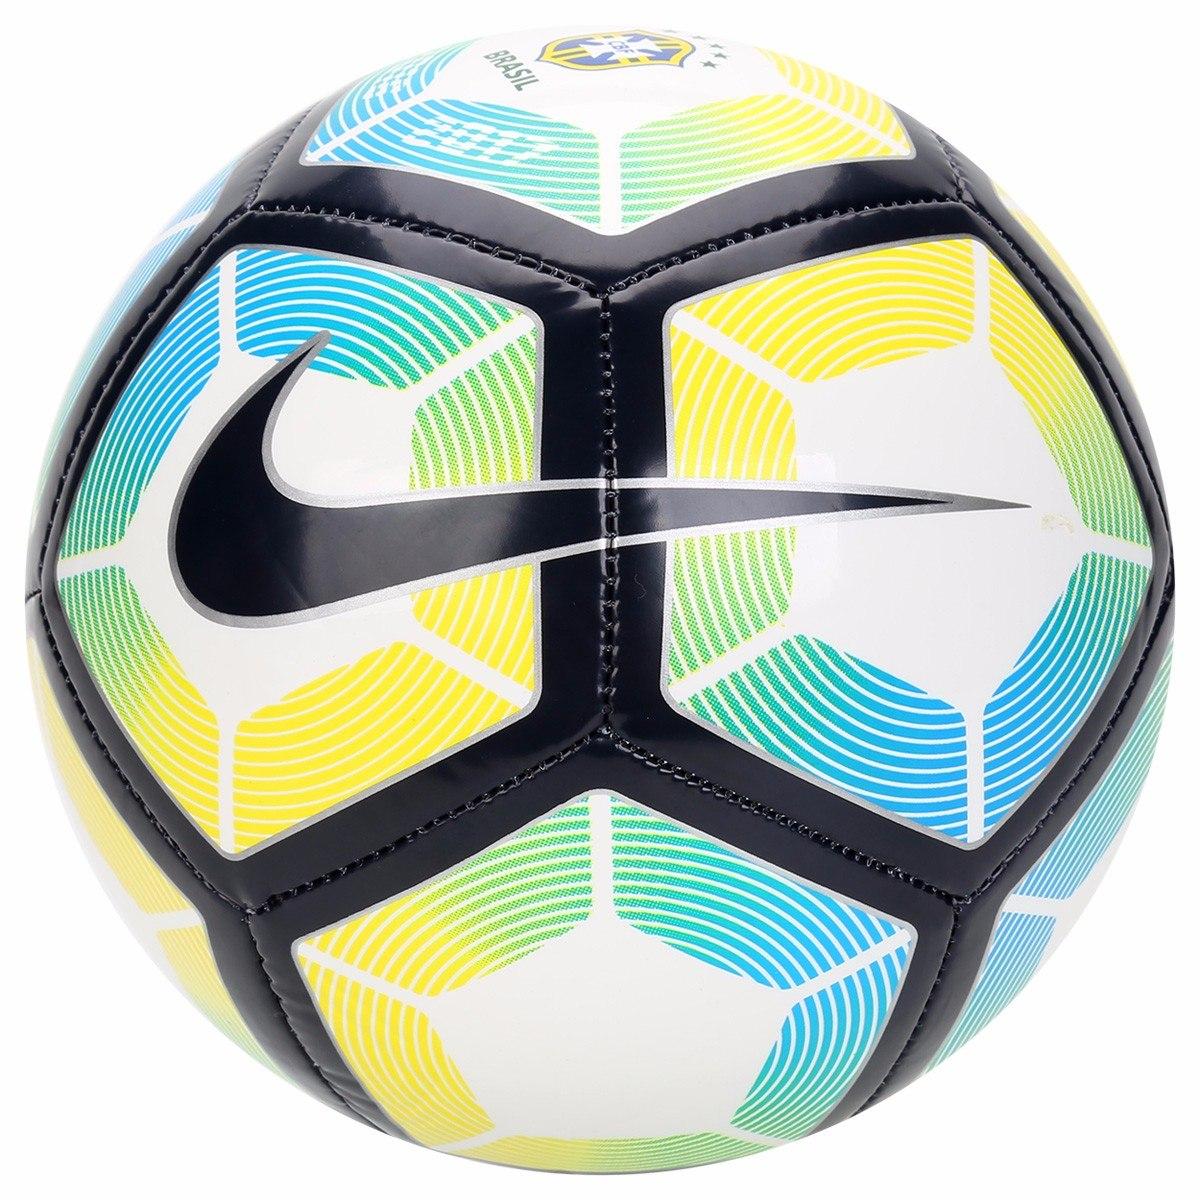 mini bola de futebol de campo nike skills cbf - original. Carregando zoom. efcb759a9e716